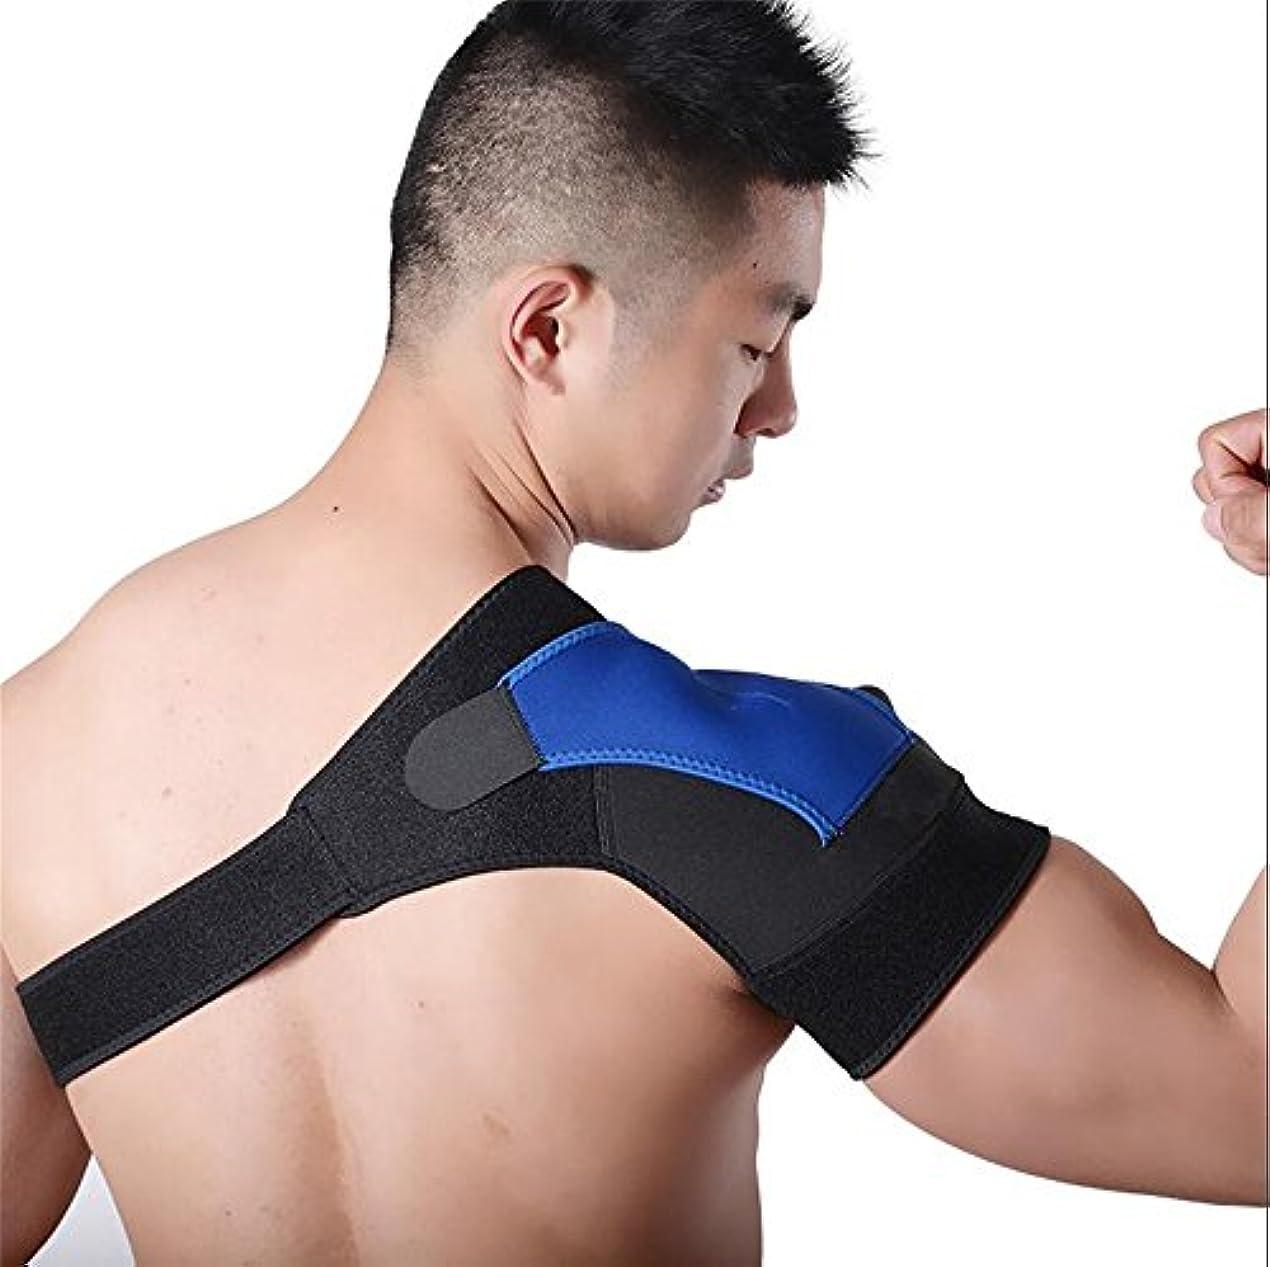 値不確実ちらつきZSZBACE 肩サポーター 右肩 左肩 肩 肩固定 けが 防止 マジック テープ式 男女兼用 簡単装着 (左肩用, ブルー)